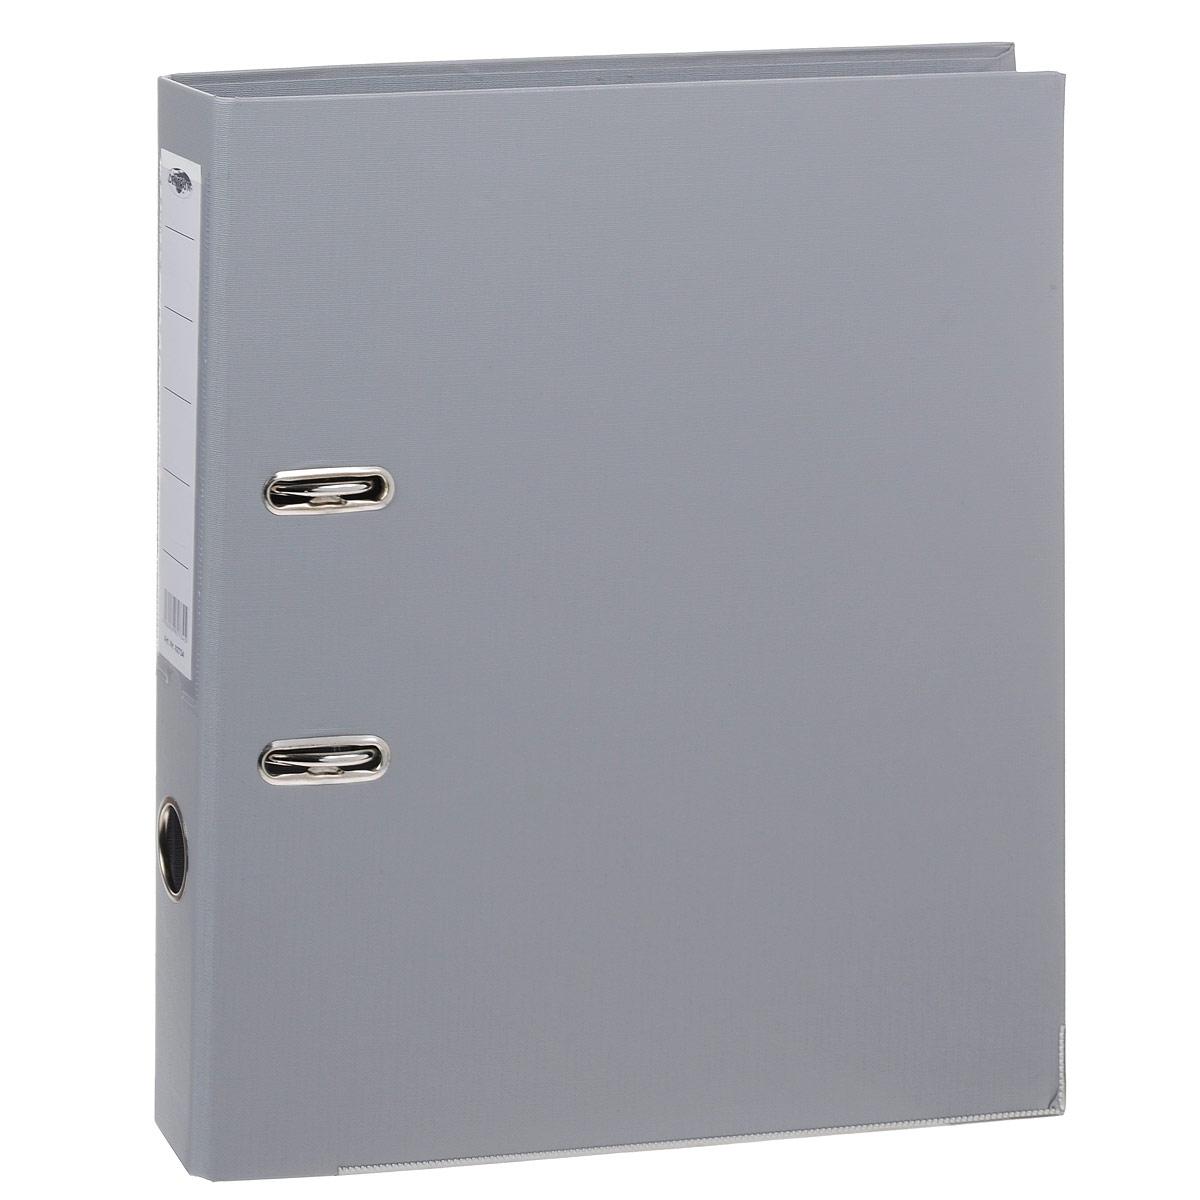 Папка-регистратор Centrum, ширина корешка 50 мм, цвет: серый папки канцелярские centrum папка регистр а4 5 см фиолетовая